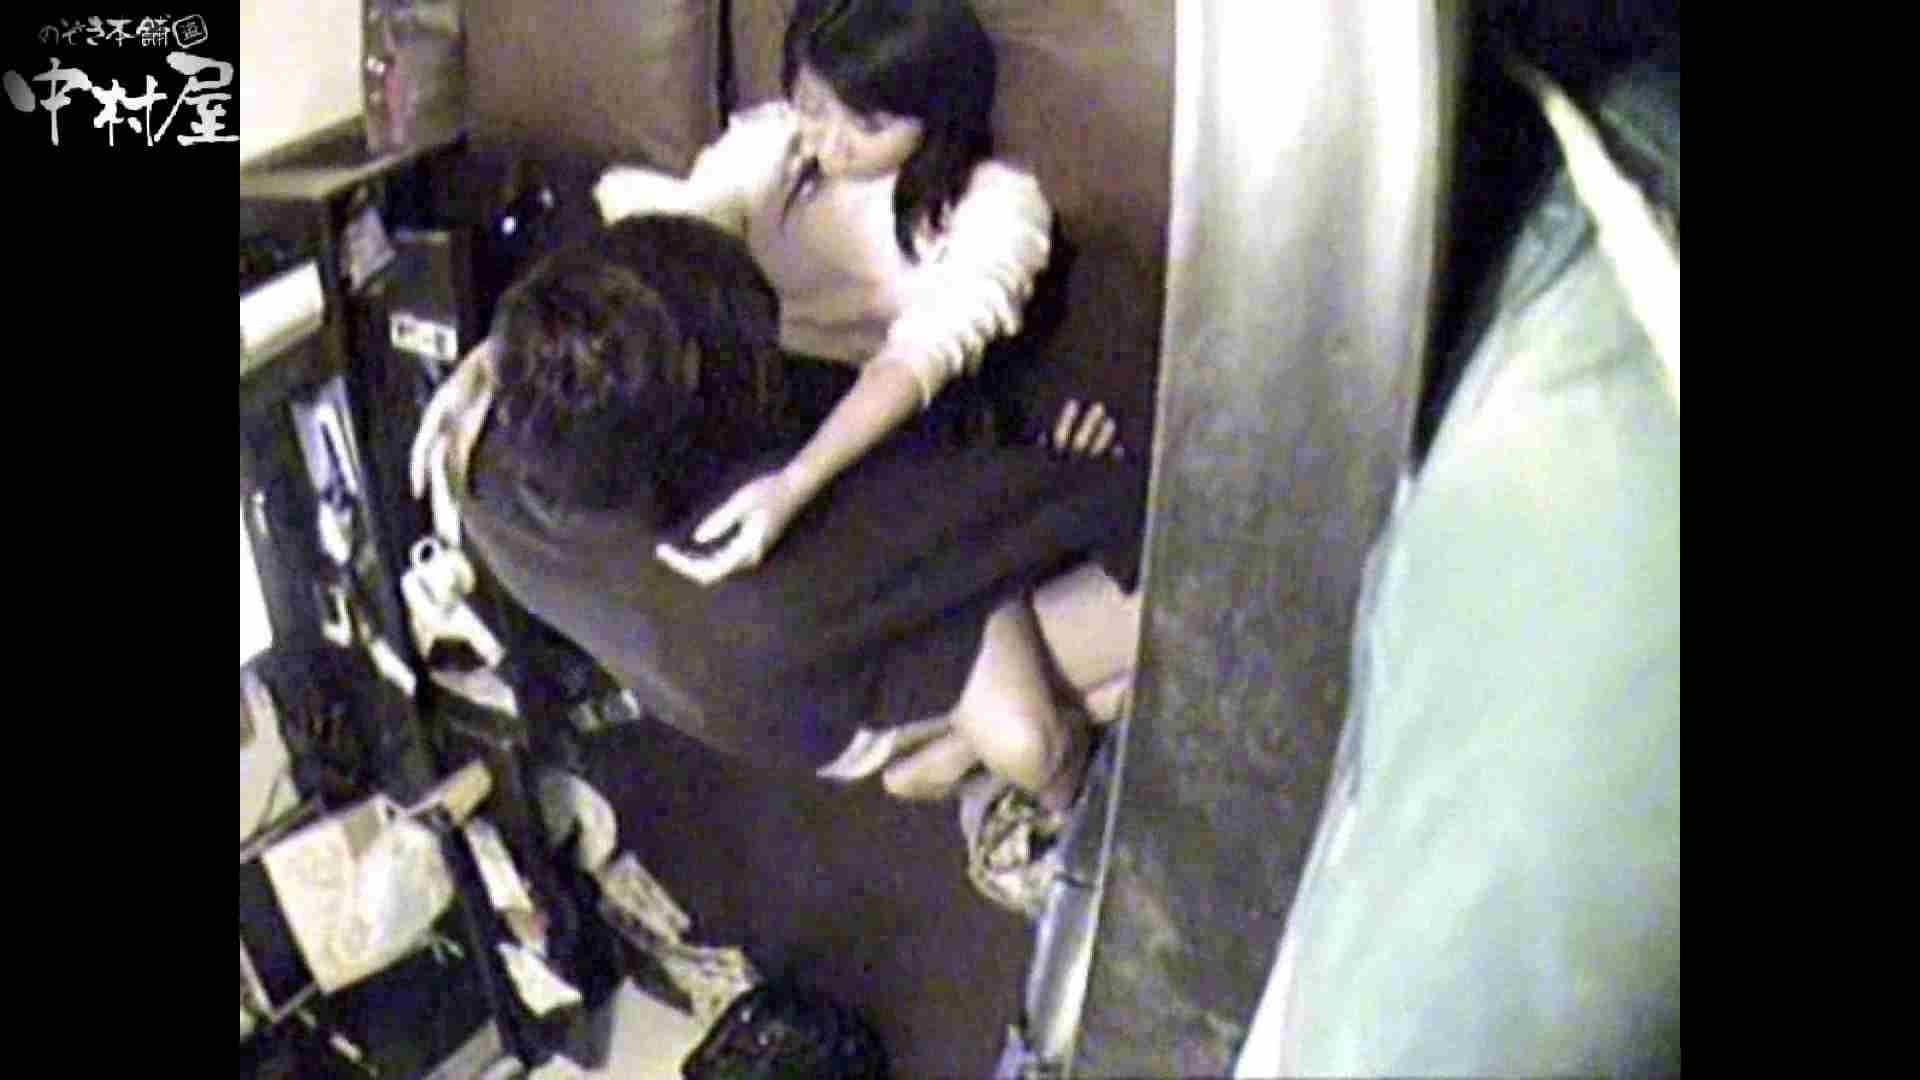 インターネットカフェの中で起こっている出来事 vol.009 カップル映像   卑猥すぎ  99PIX 7